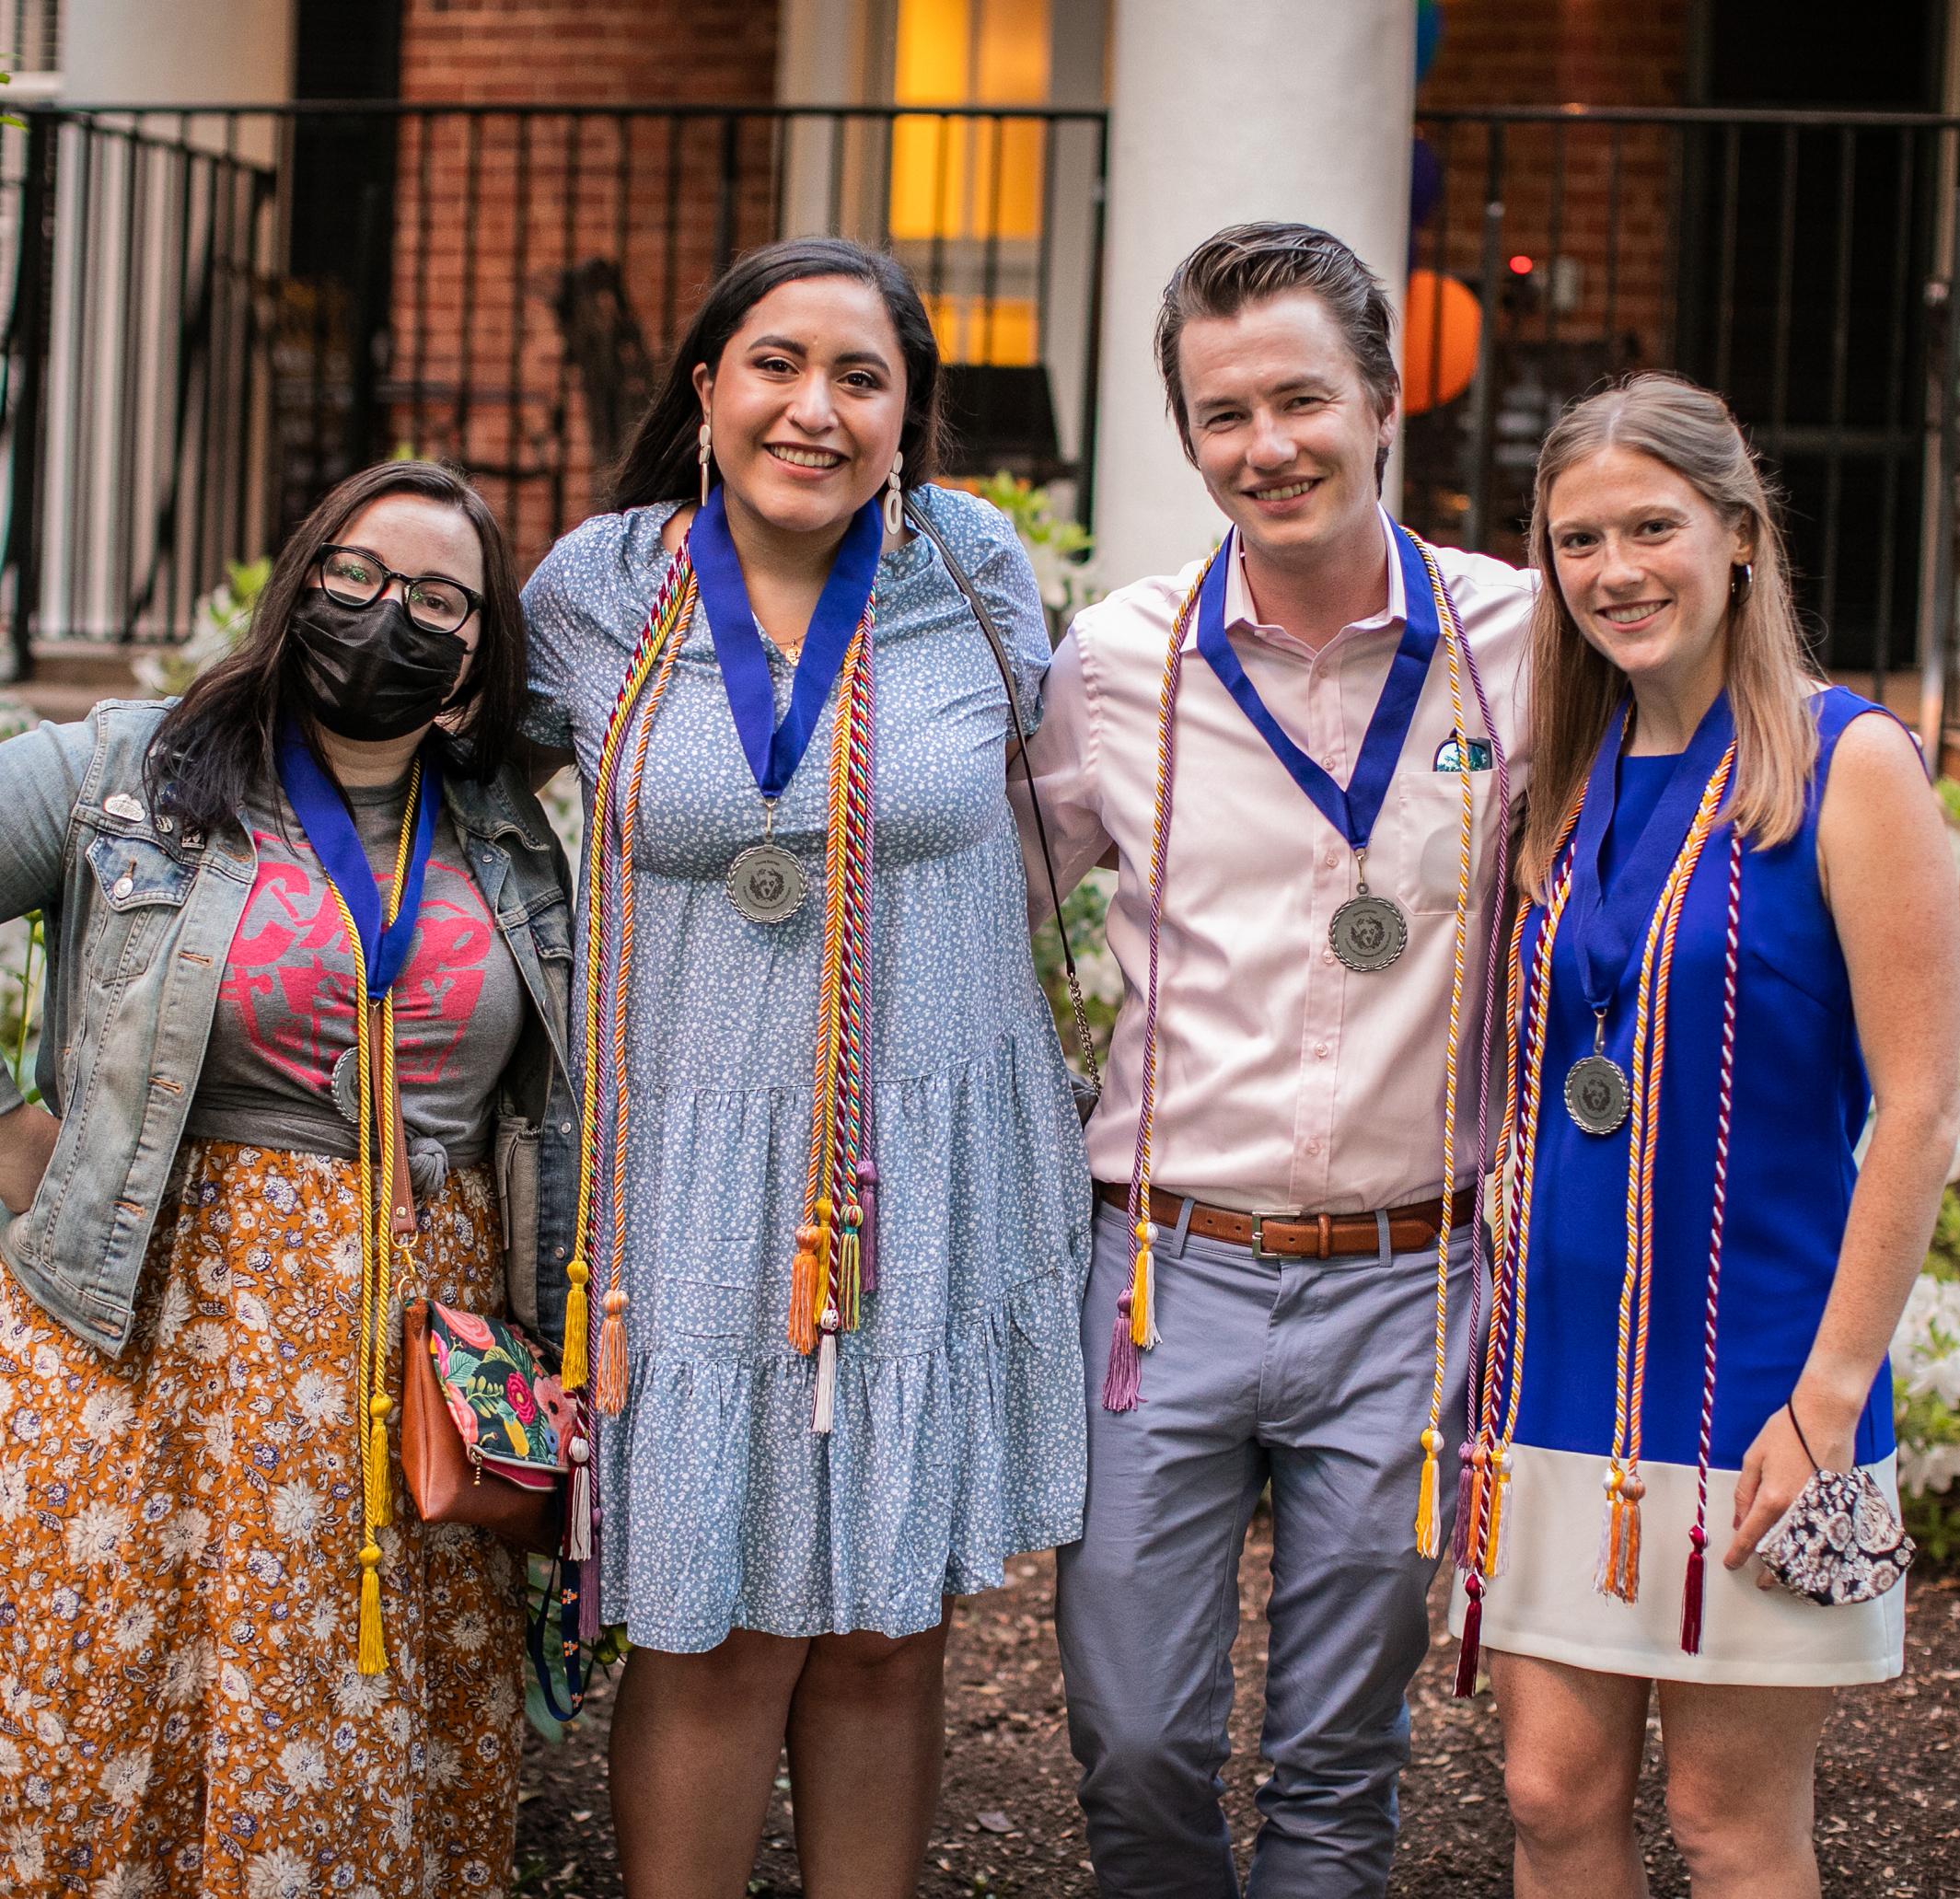 Four 2021 Batten Graduates smiling together